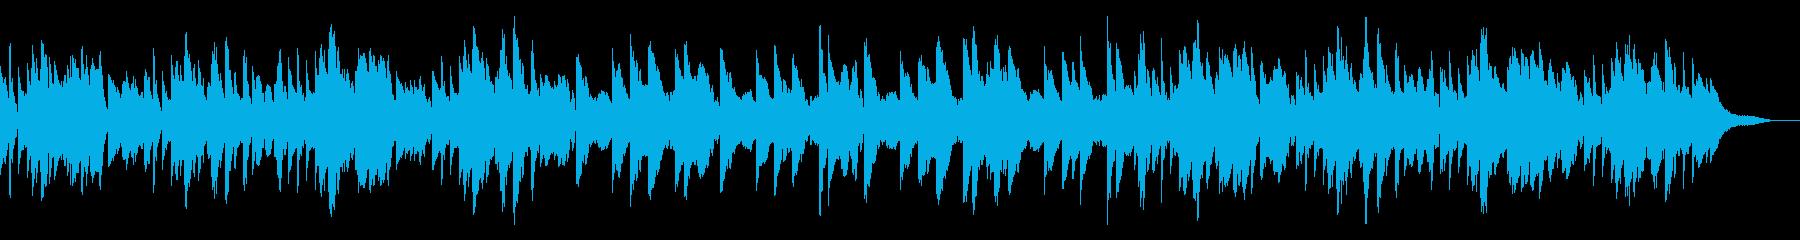 切ない旋律が印象的なピアノソロの再生済みの波形